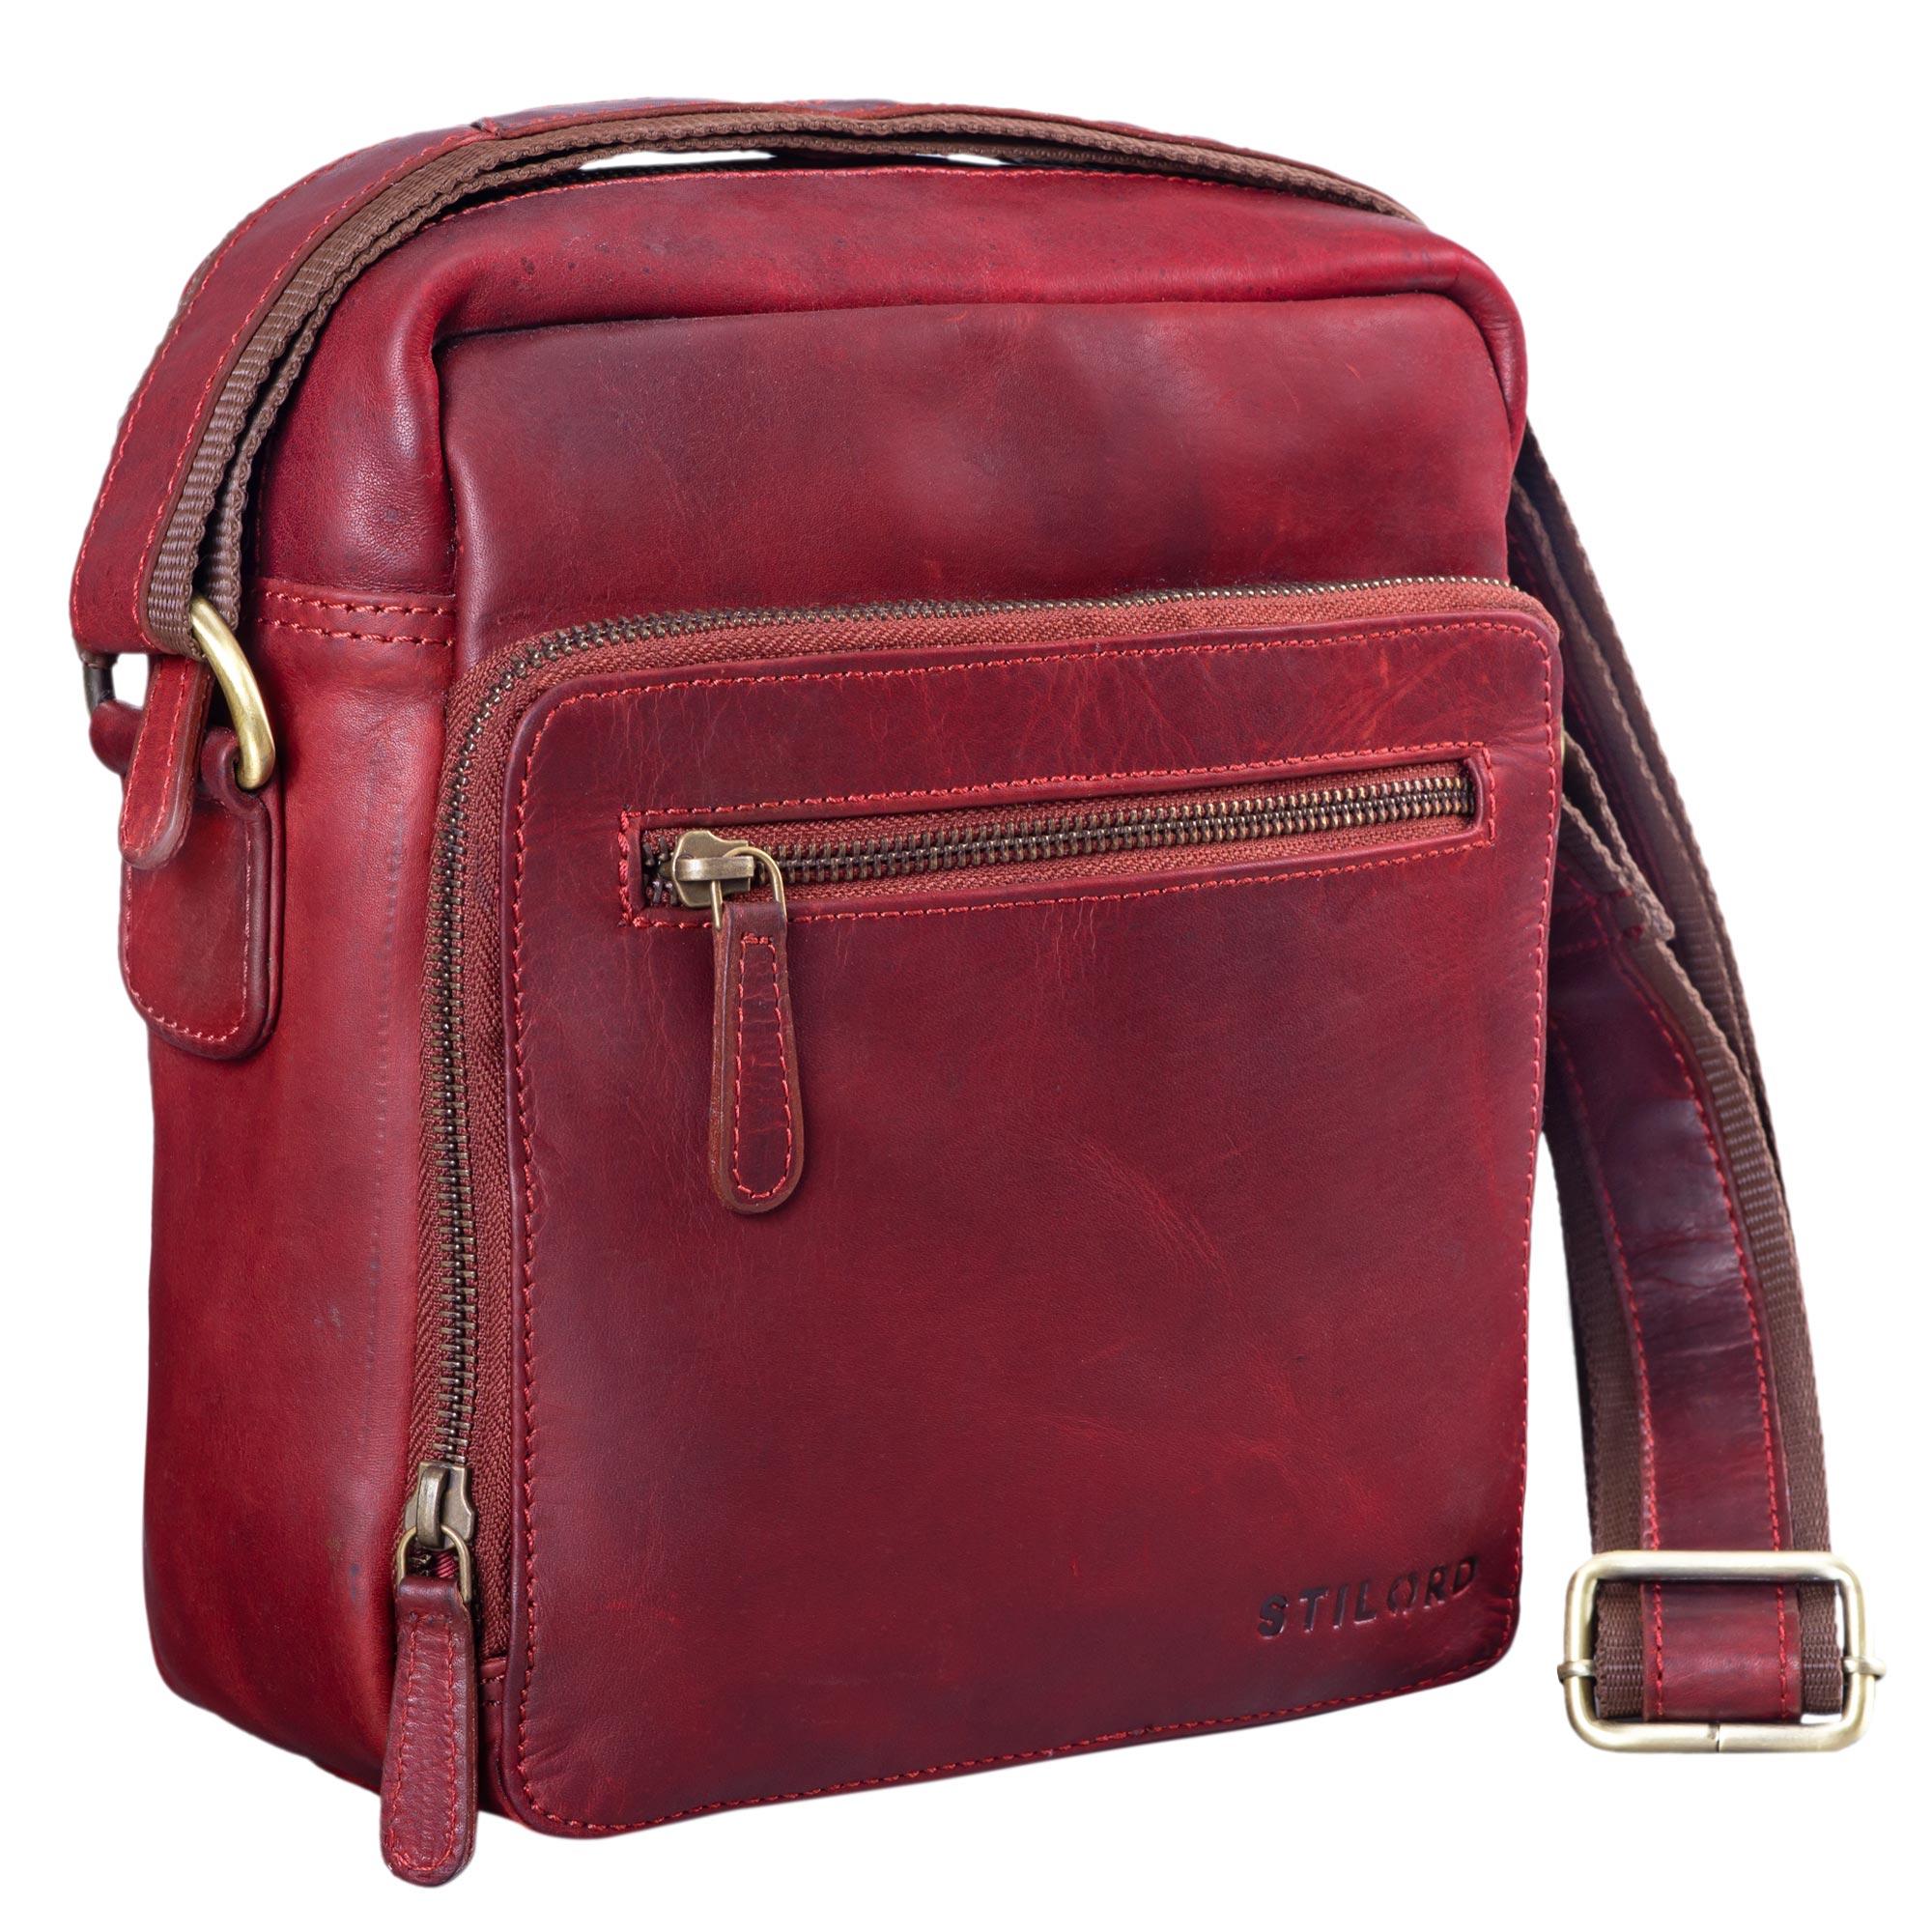 """STILORD """"Nathan"""" Umhängetasche Herren Leder klein braun Vintage Herrentasche 10,1 Zoll Tablettasche für iPad echtes Leder  - Bild 10"""